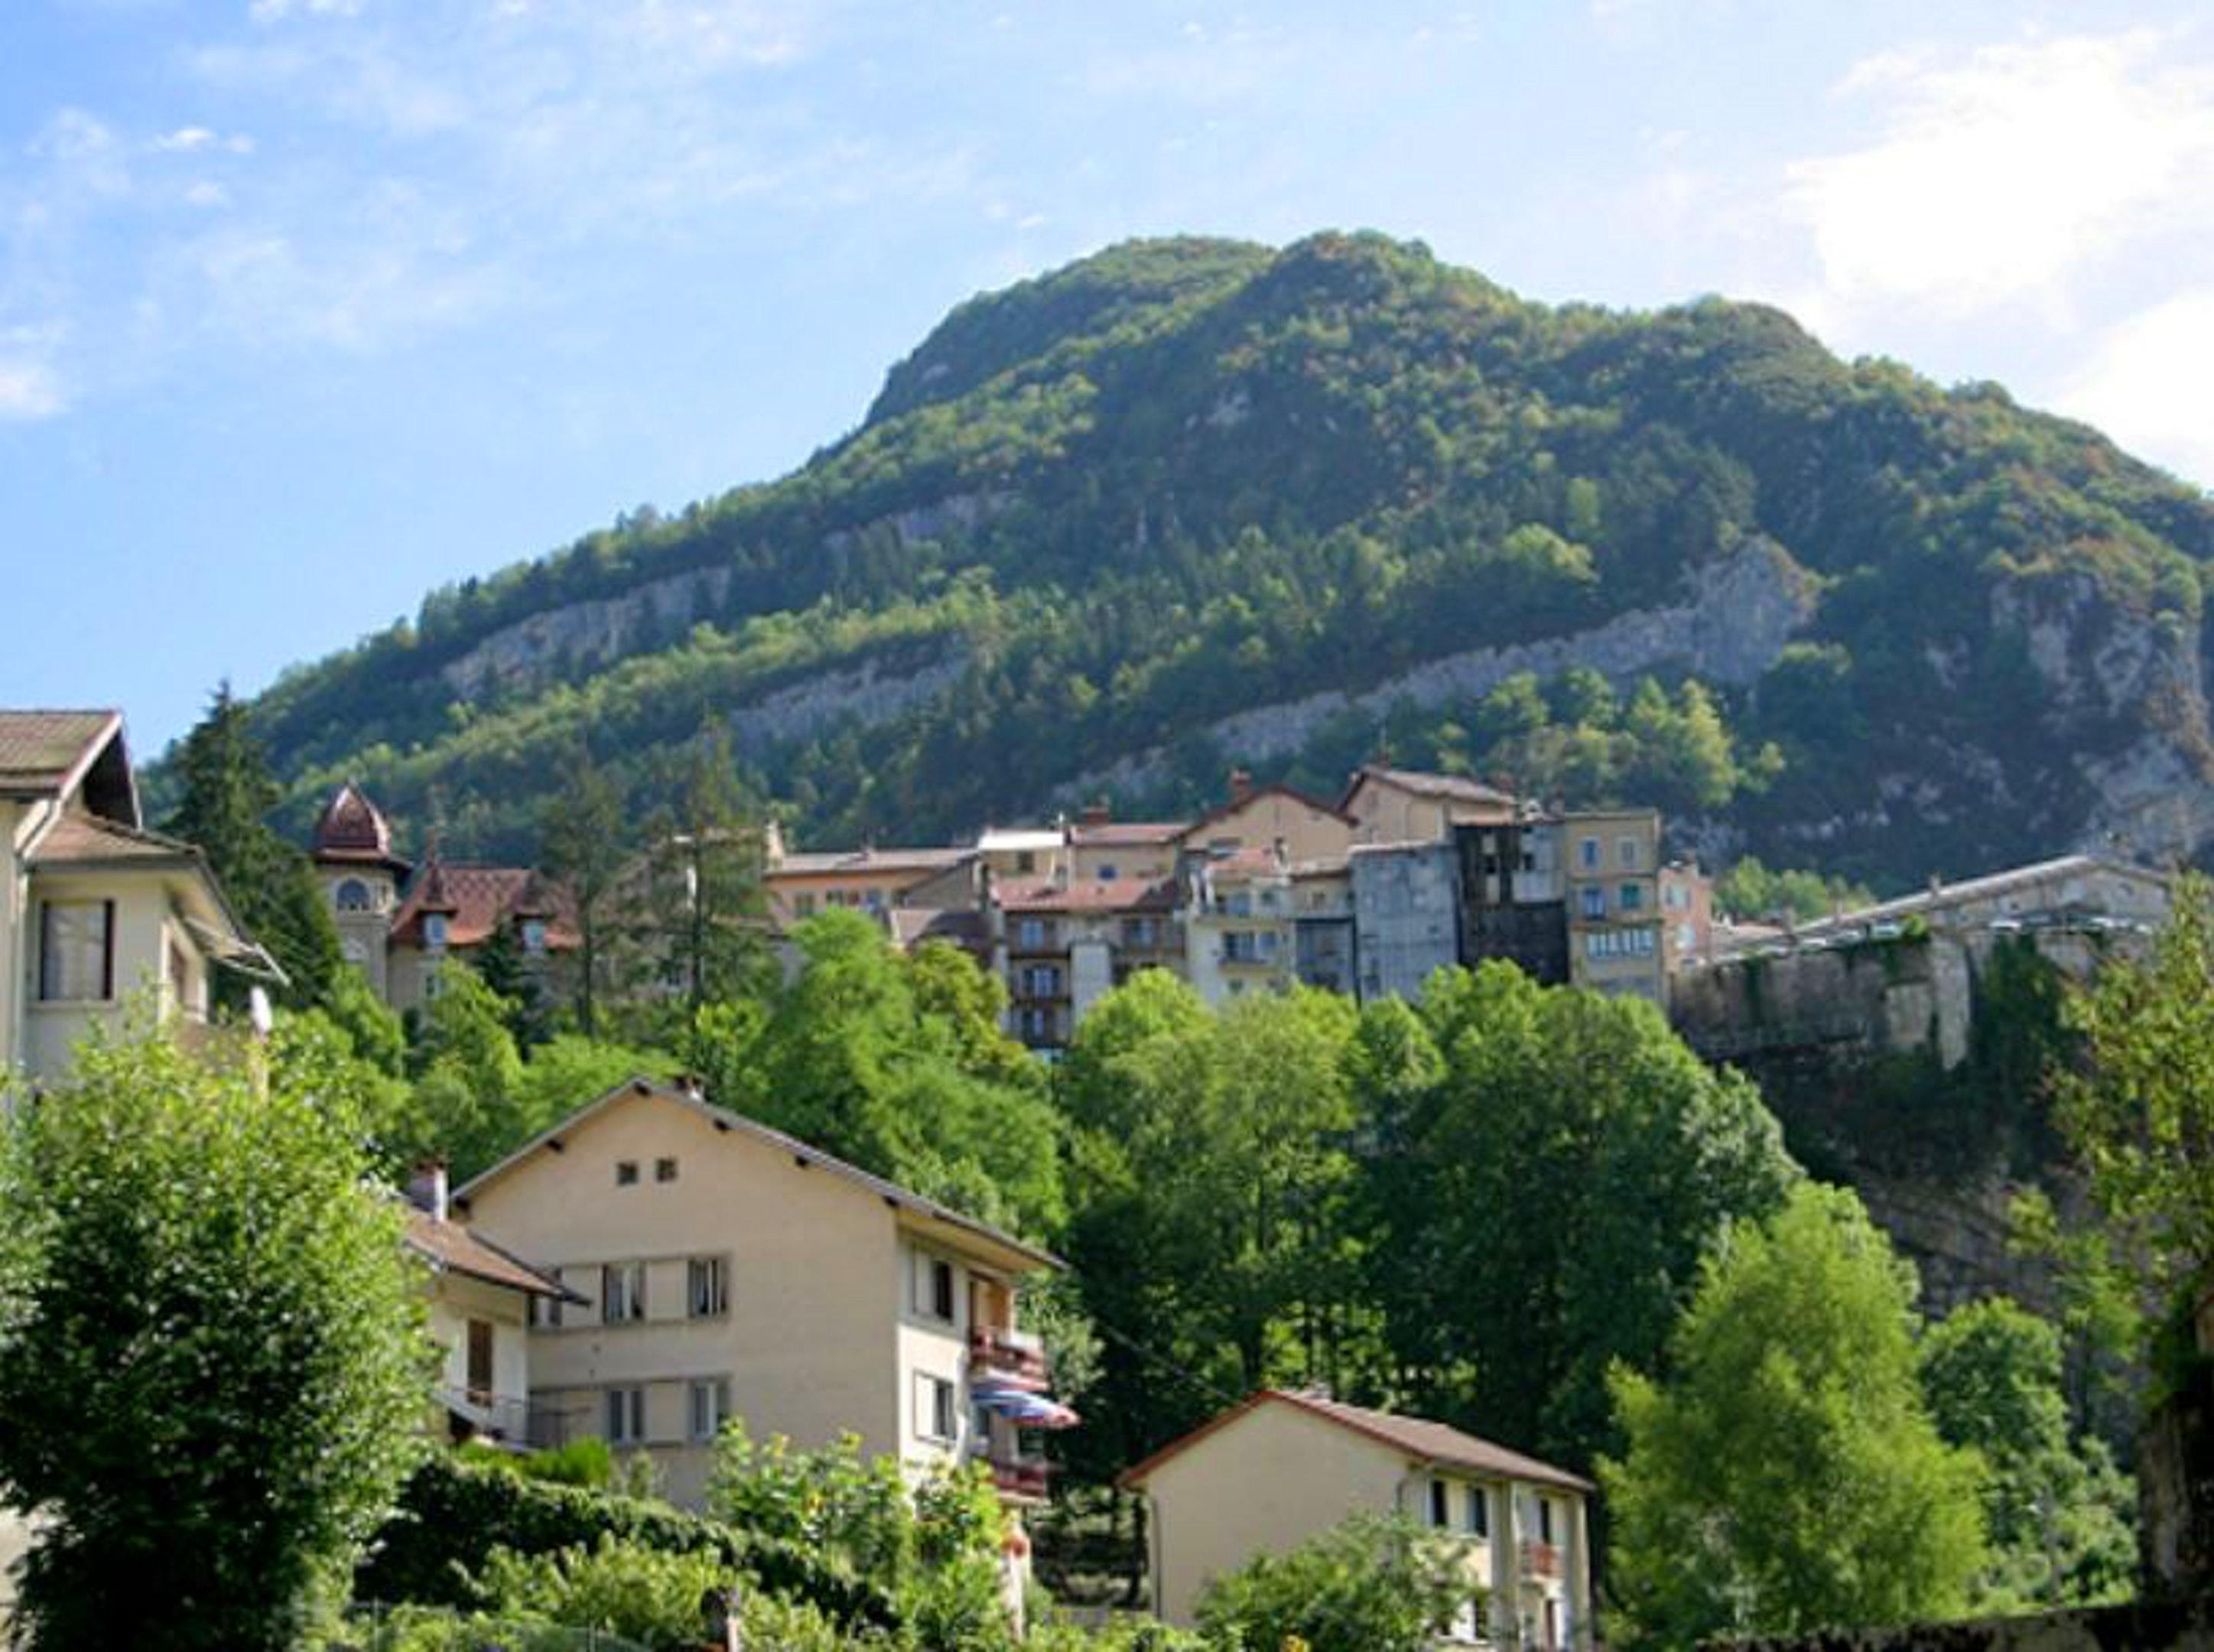 Maison de vacances Haus mit 2 Schlafzimmern in Villard-Saint-Sauveur mit toller Aussicht auf die Berge und ei (2704040), Villard sur Bienne, Jura, Franche-Comté, France, image 9